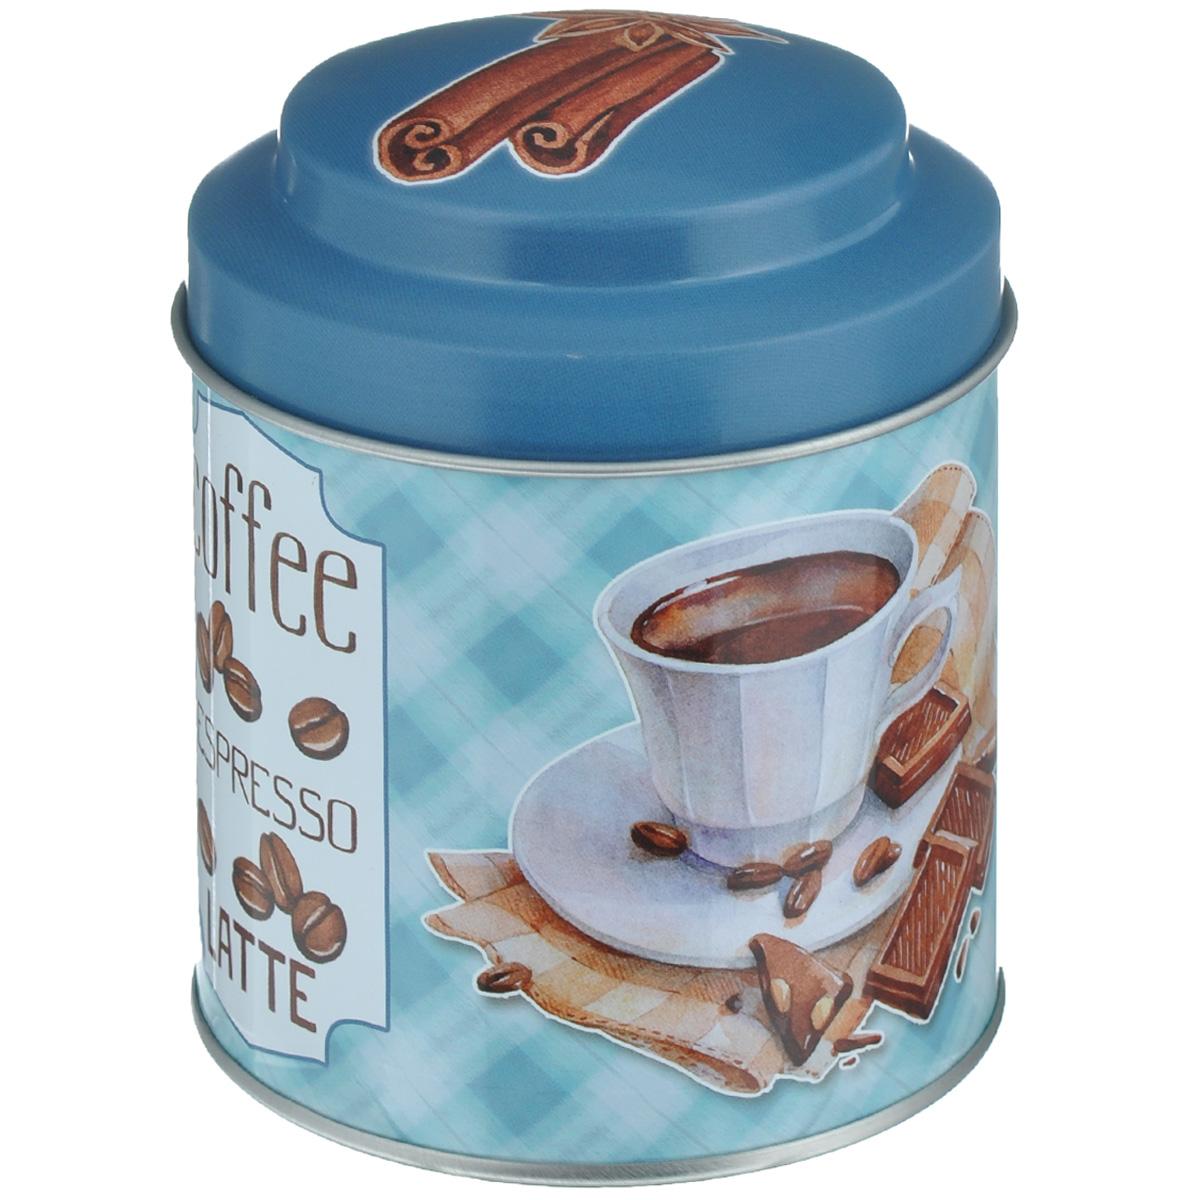 Банка для сыпучих продуктов Феникс-презент Кофе, 680 мл37642Банка для сыпучих продуктов Феникс-презент Кофе, изготовленная из окрашенного черного металла, оформлена ярким рисунком. Банка прекрасно подойдет для хранения различных сыпучих продуктов: специй, чая, кофе, сахара, круп и многого другого. Емкость плотно закрывается крышкой. Благодаря этому она будет дольше сохранять свежесть ваших продуктов. Функциональная и вместительная, такая банка станет незаменимым аксессуаром на любой кухне. Нельзя мыть в посудомоечной машине. Объем банки: 680 мл. Высота банки (без учета крышки): 10 см. Диаметр банки (по верхнему краю): 9 см.